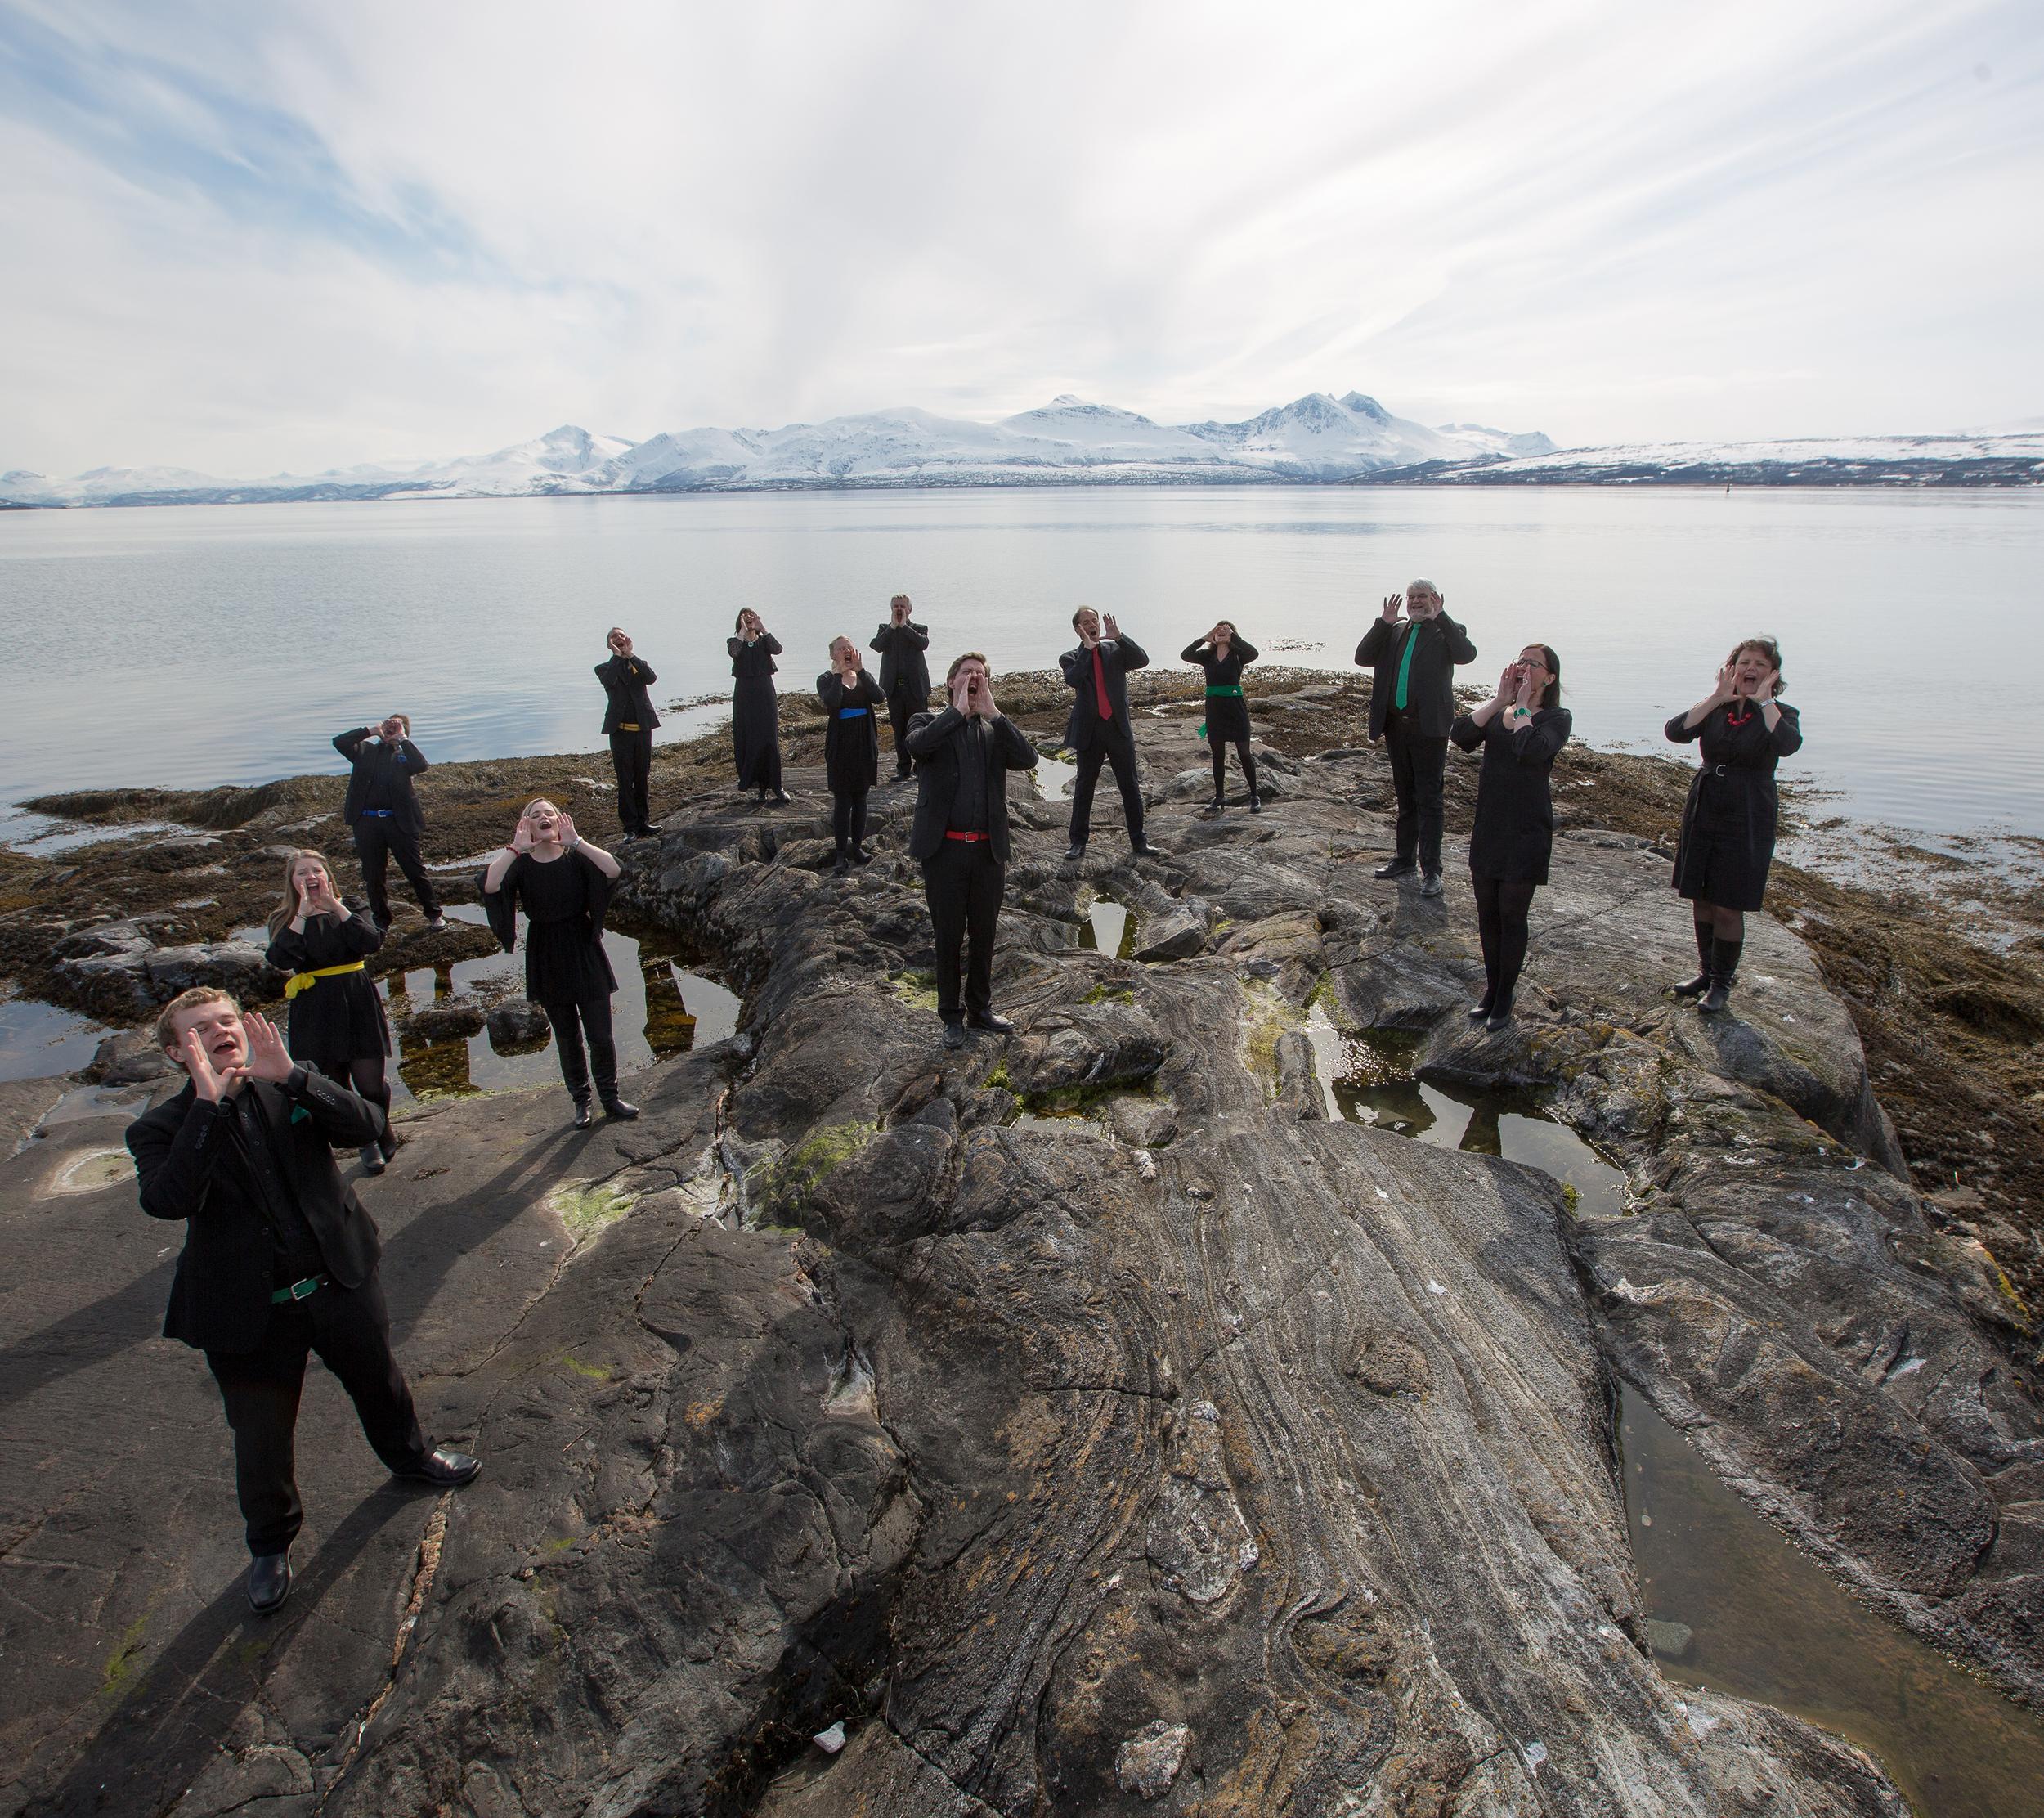 vokal nord anno 2014. foto: yngve olsen sæbbe